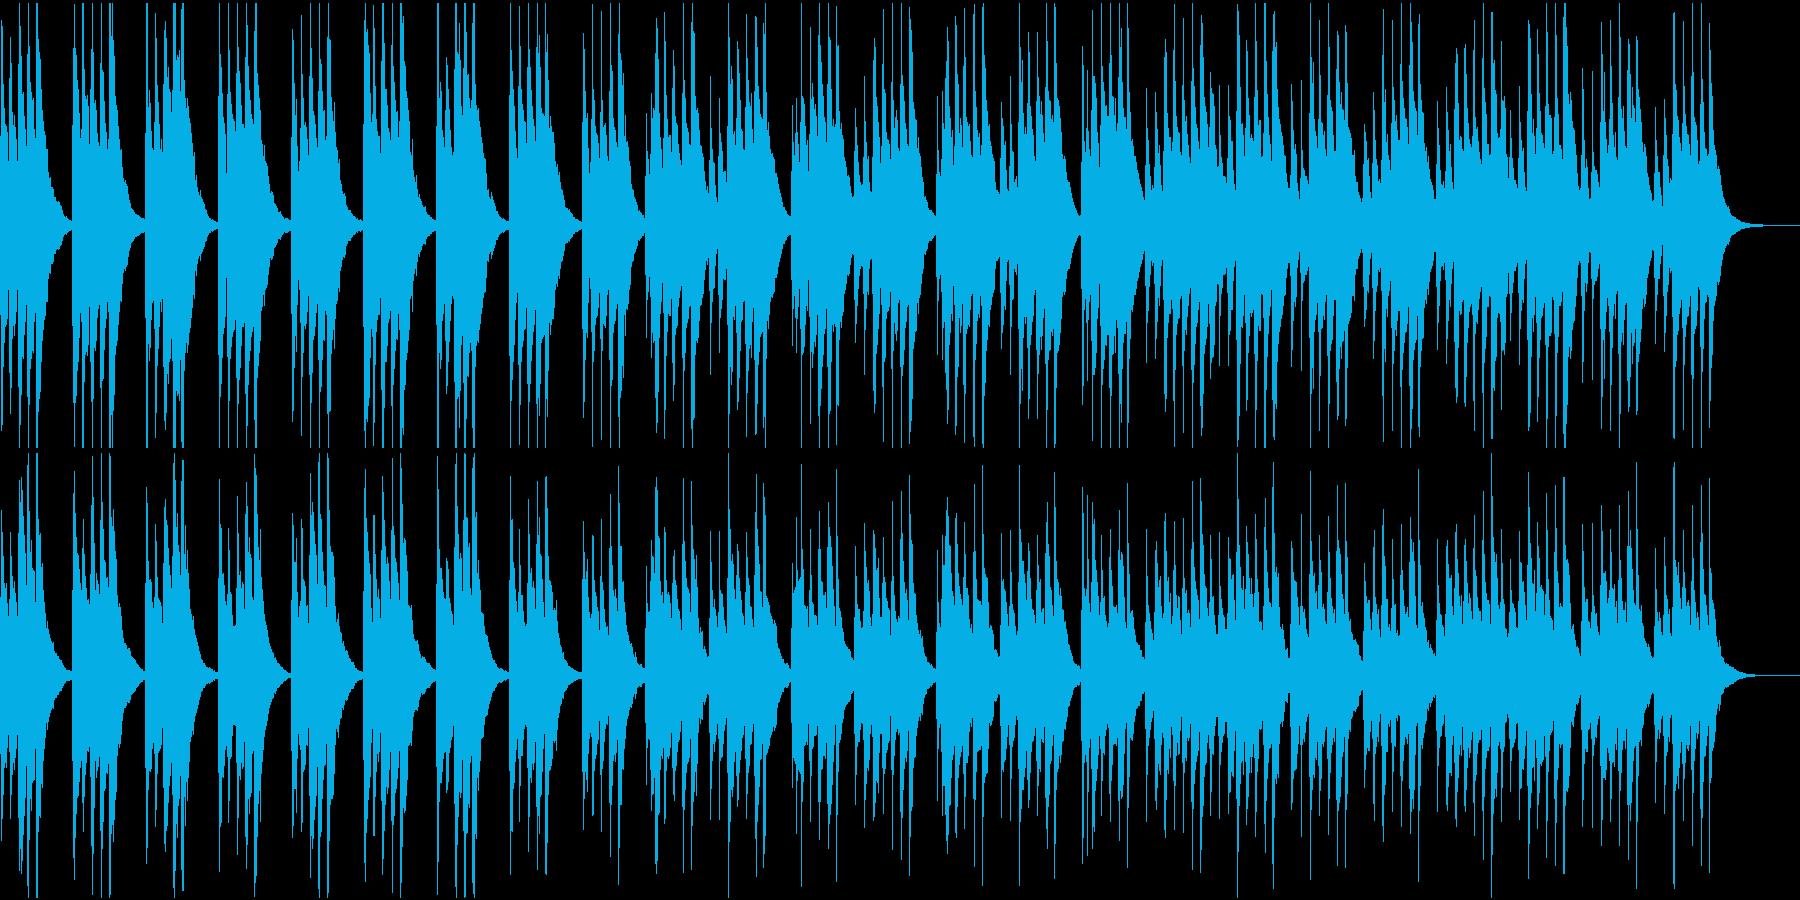 琴が奏でるお正月ムードの曲の再生済みの波形